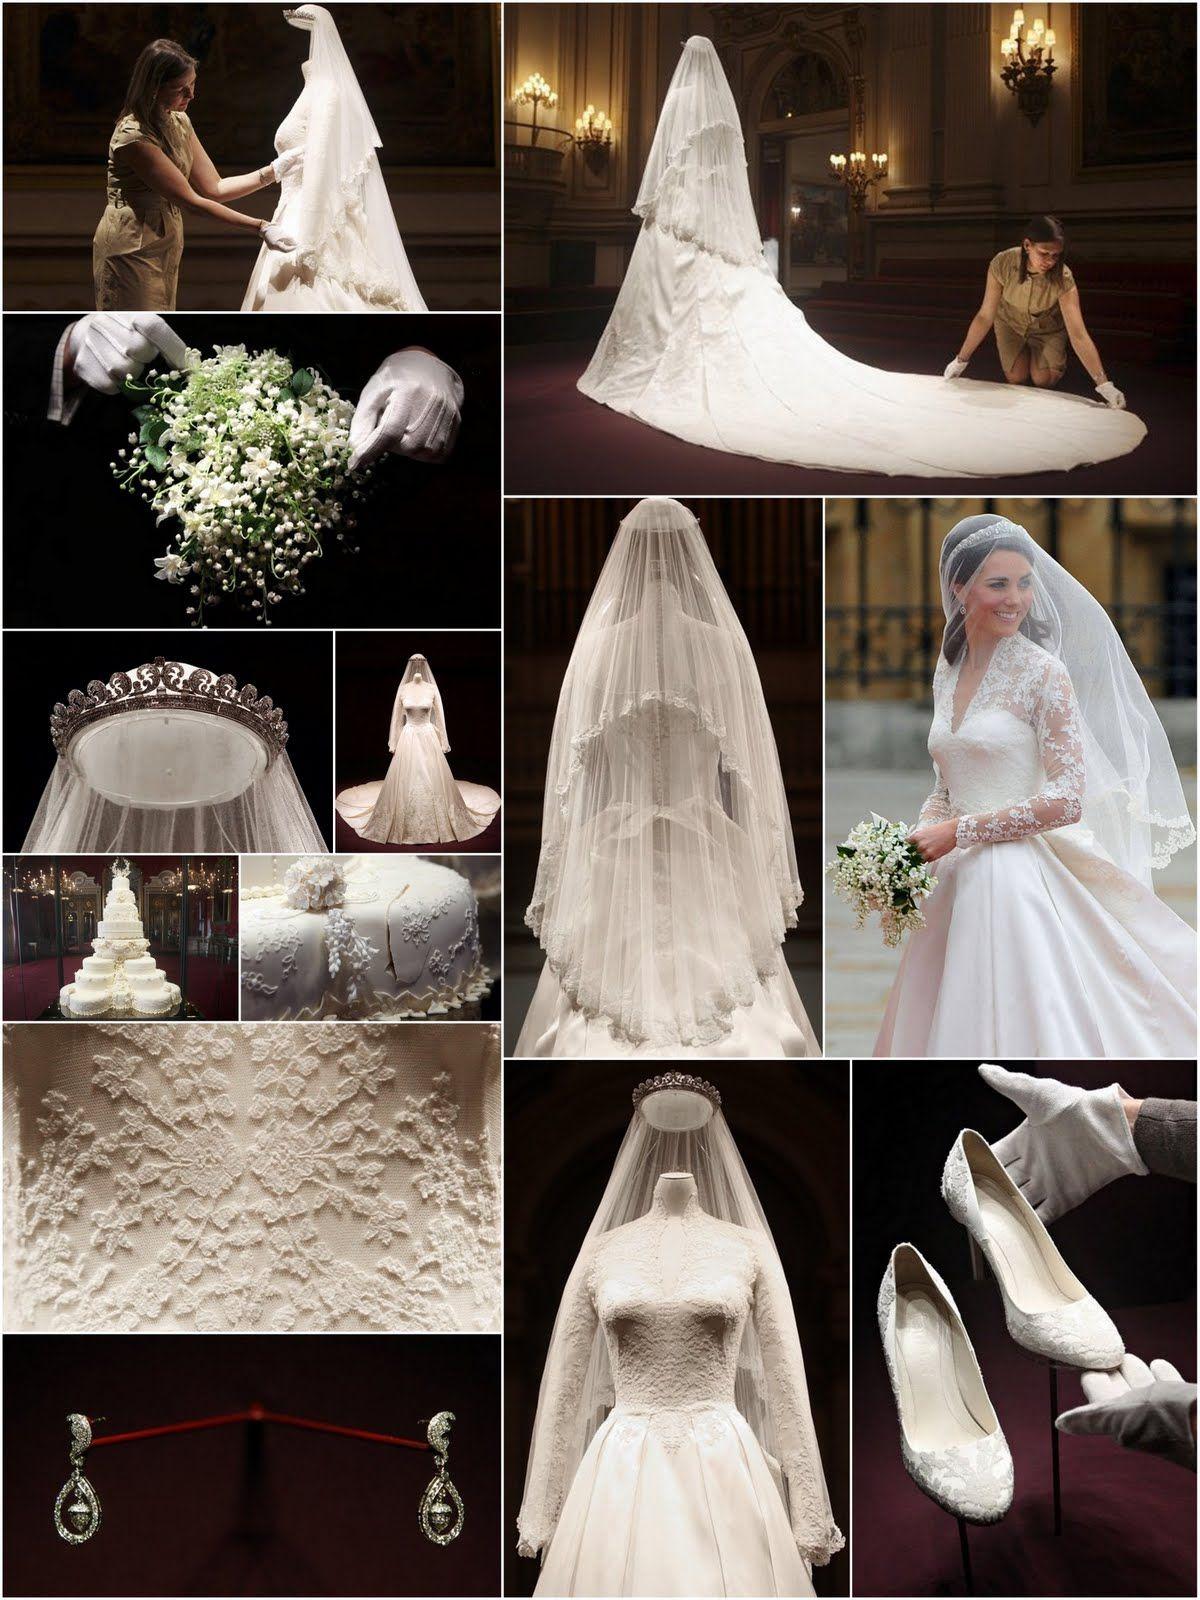 Kate Middleton S Wedding Dress On Display Kate Middleton Wedding Dress Kate Middleton Wedding Wedding [ jpg ]